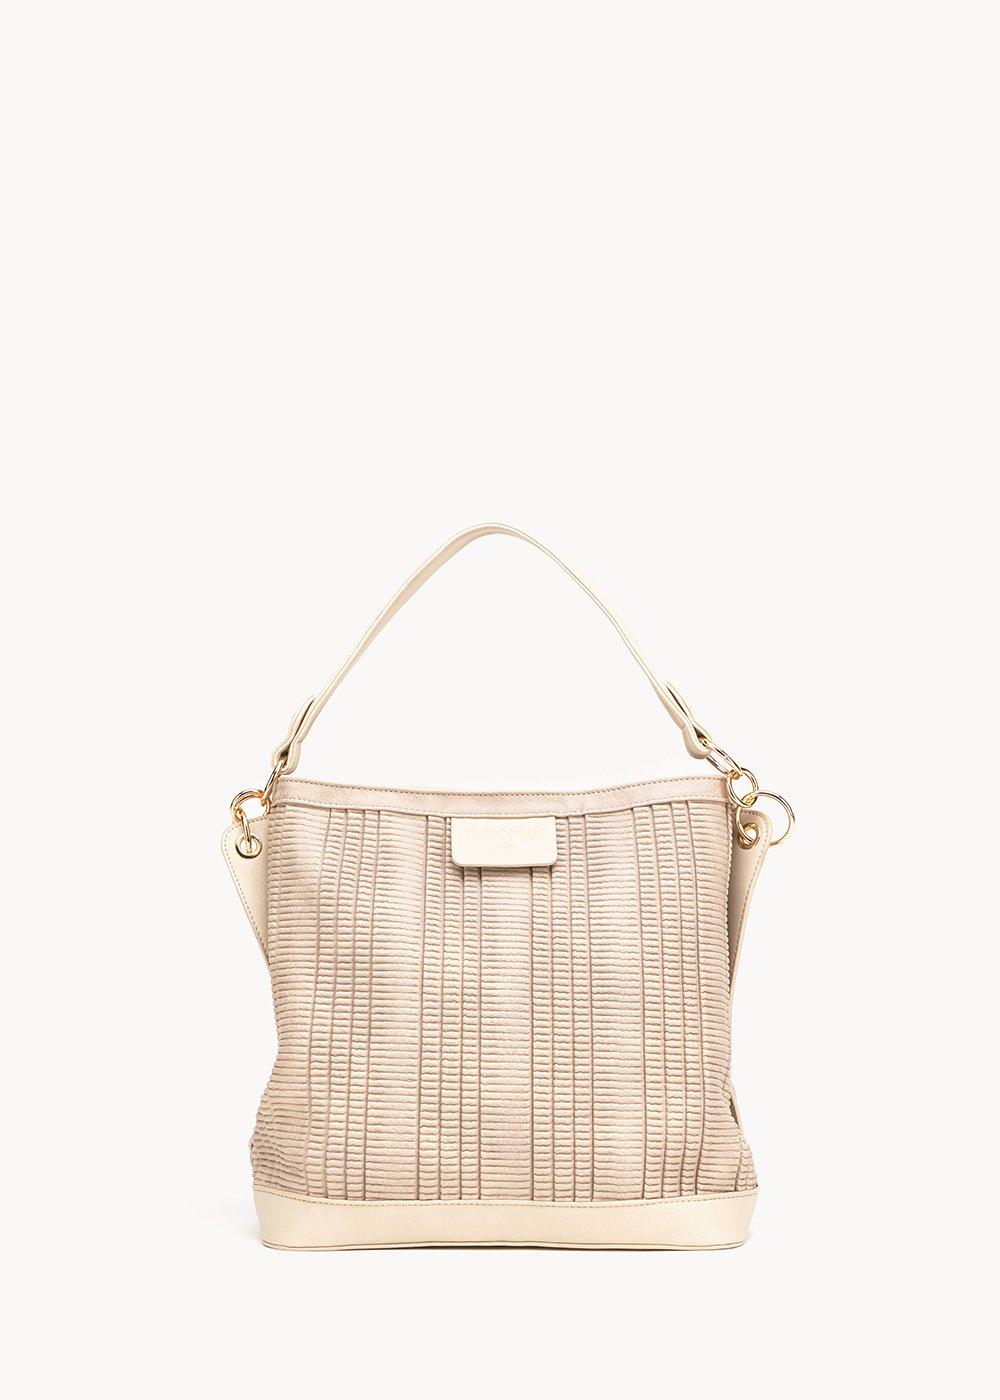 Beky hobo bag with shoulder strap - Light Beige - Woman